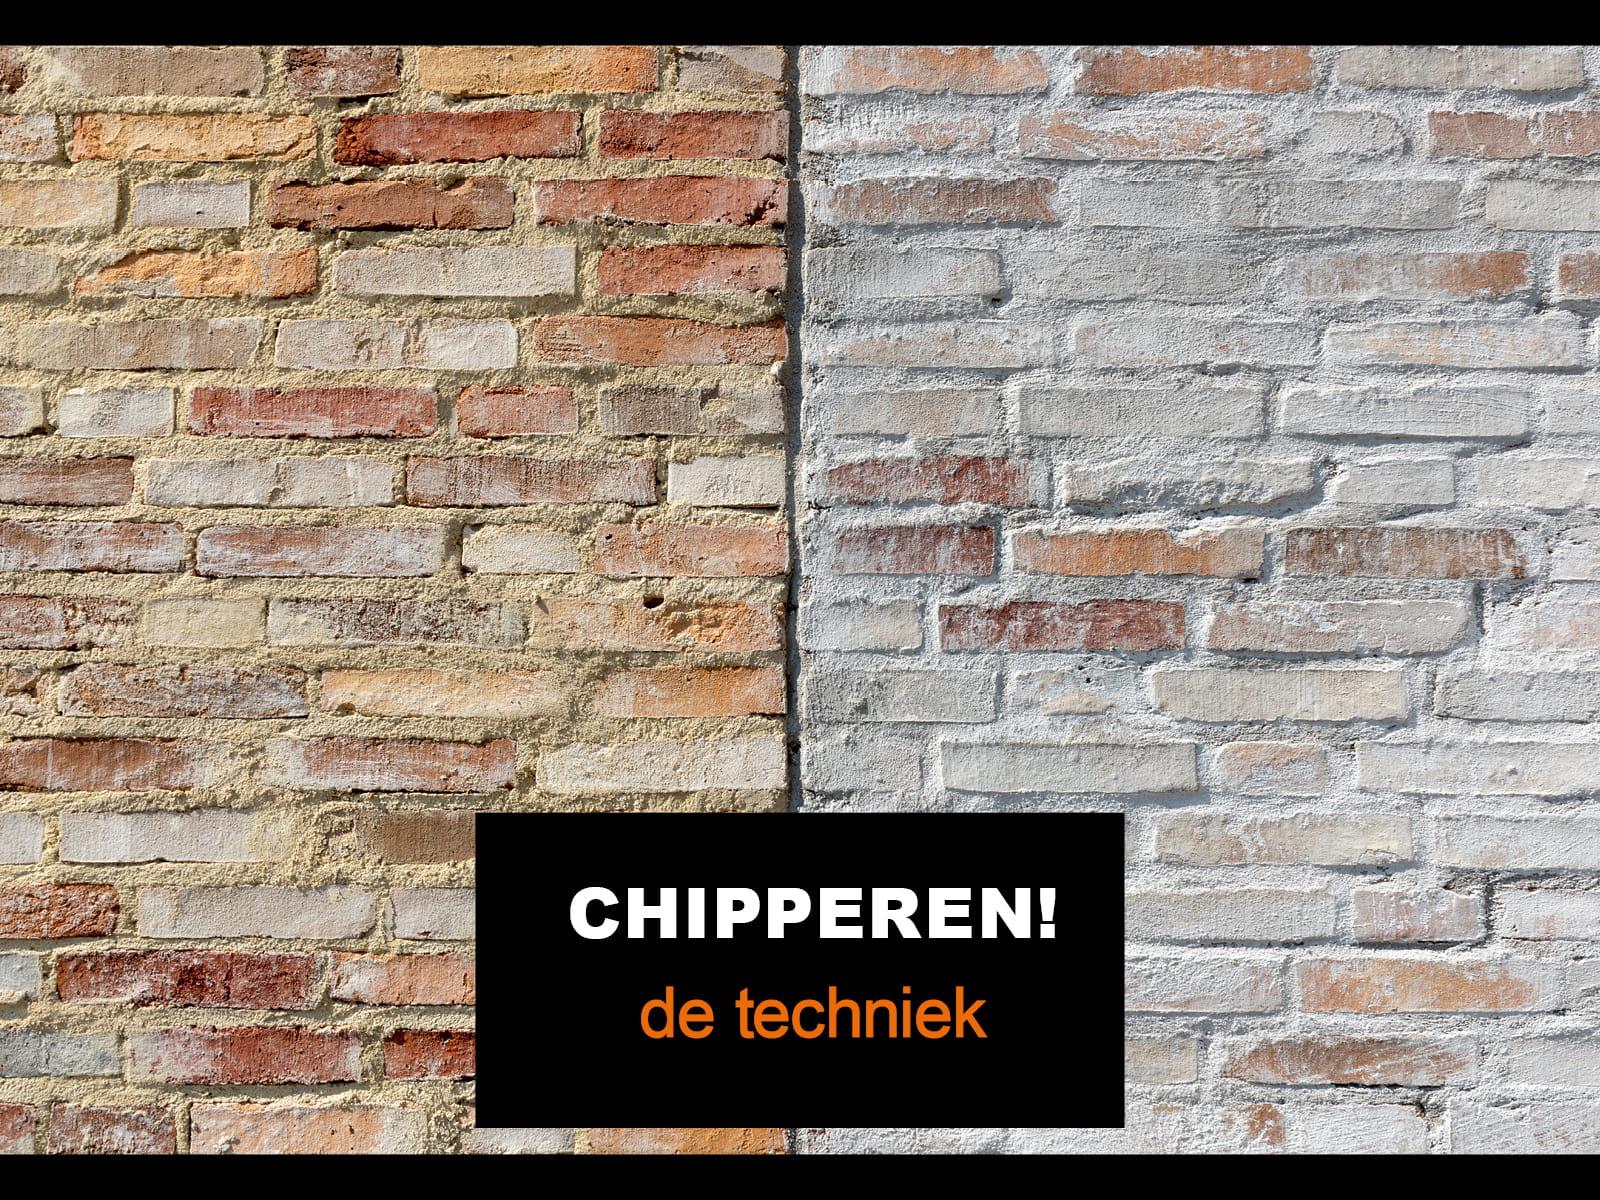 detail van een muur met in het midden een scheiding, links met een gelige steen en rechts met mortel over de gevel dat heet chipperen